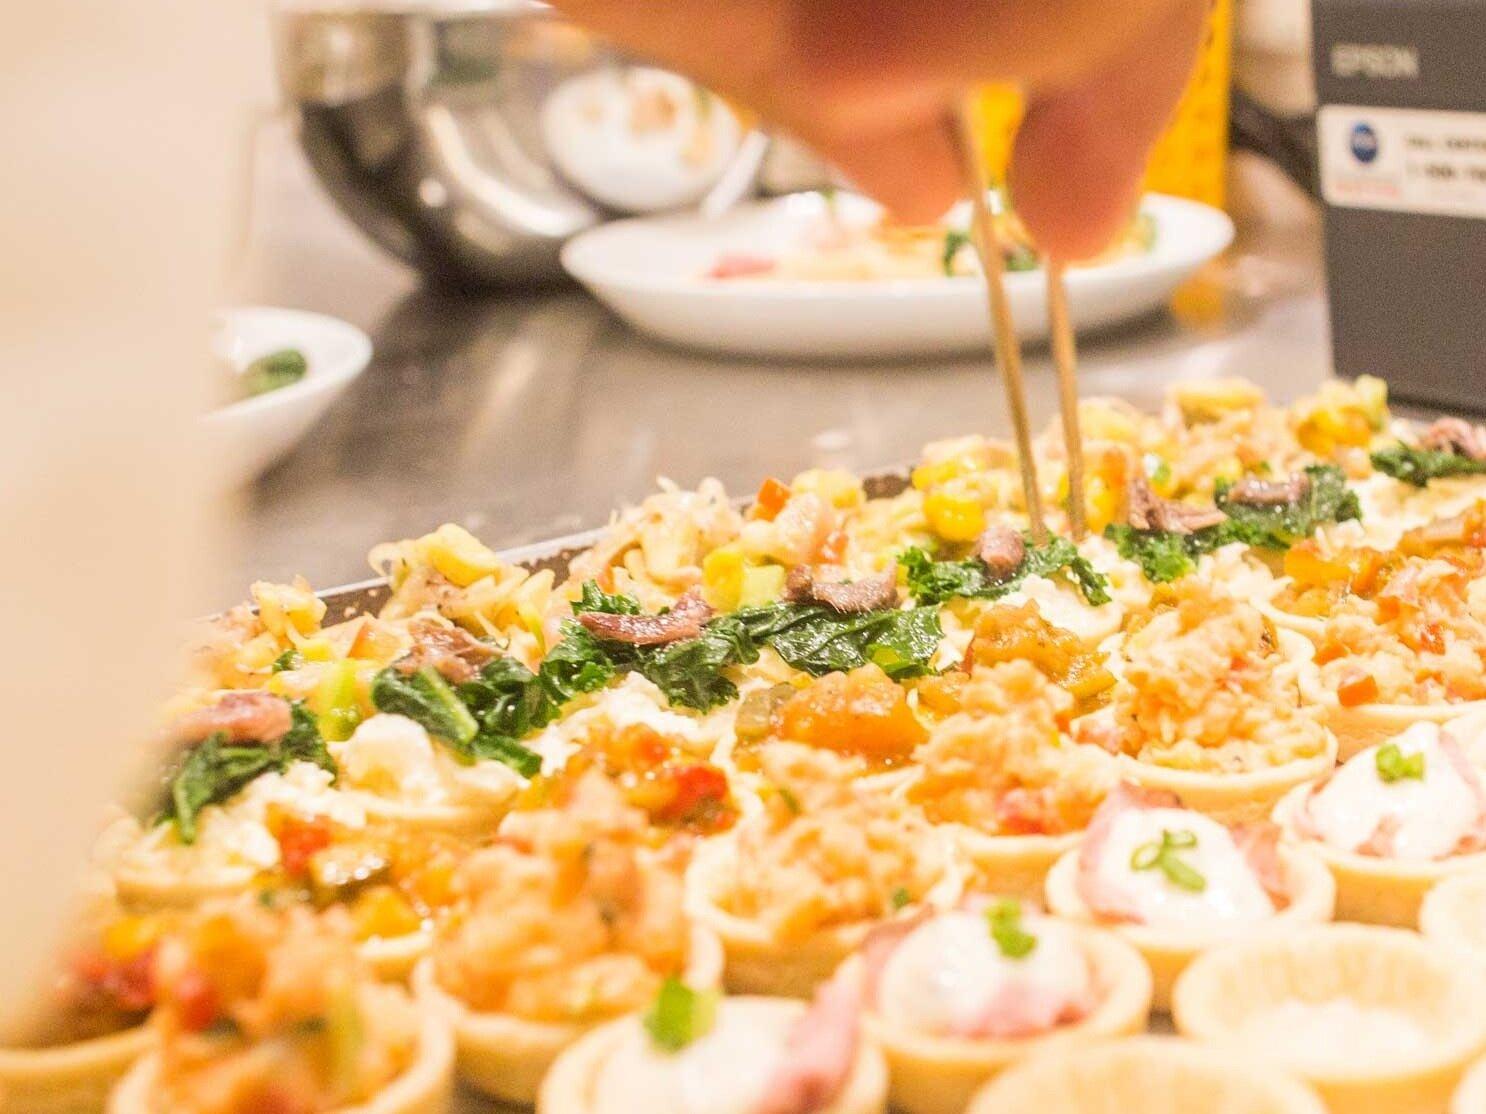 bottega-italiana-bali-gourmet-italian-food-catering.jpg